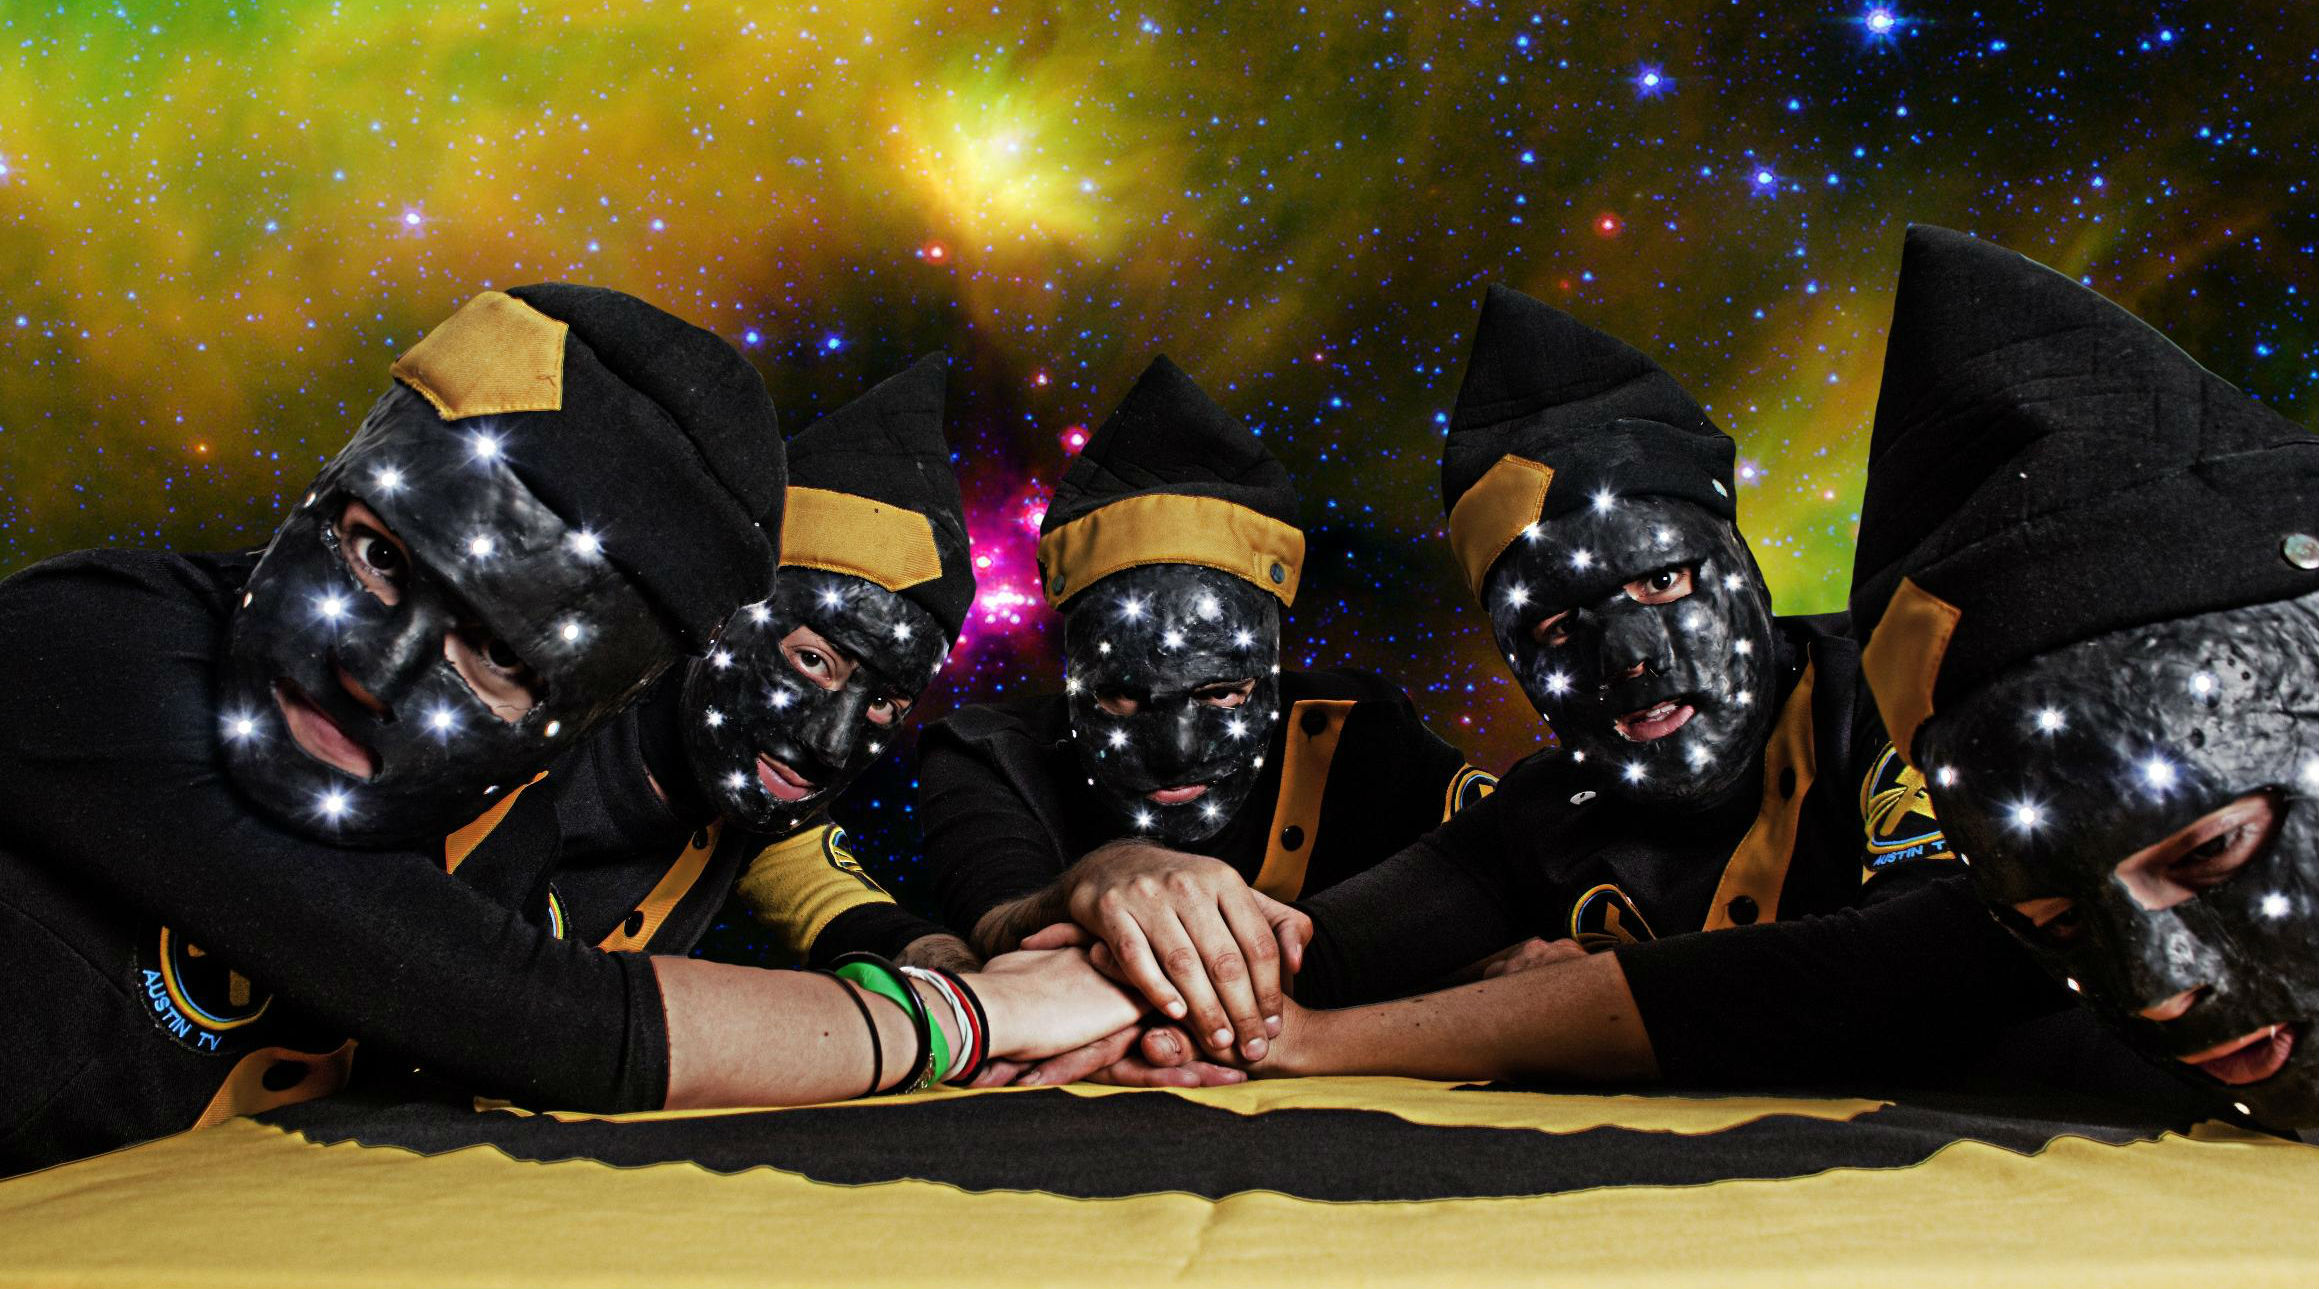 Austin TV, banda de rock instrumental de la CDMX